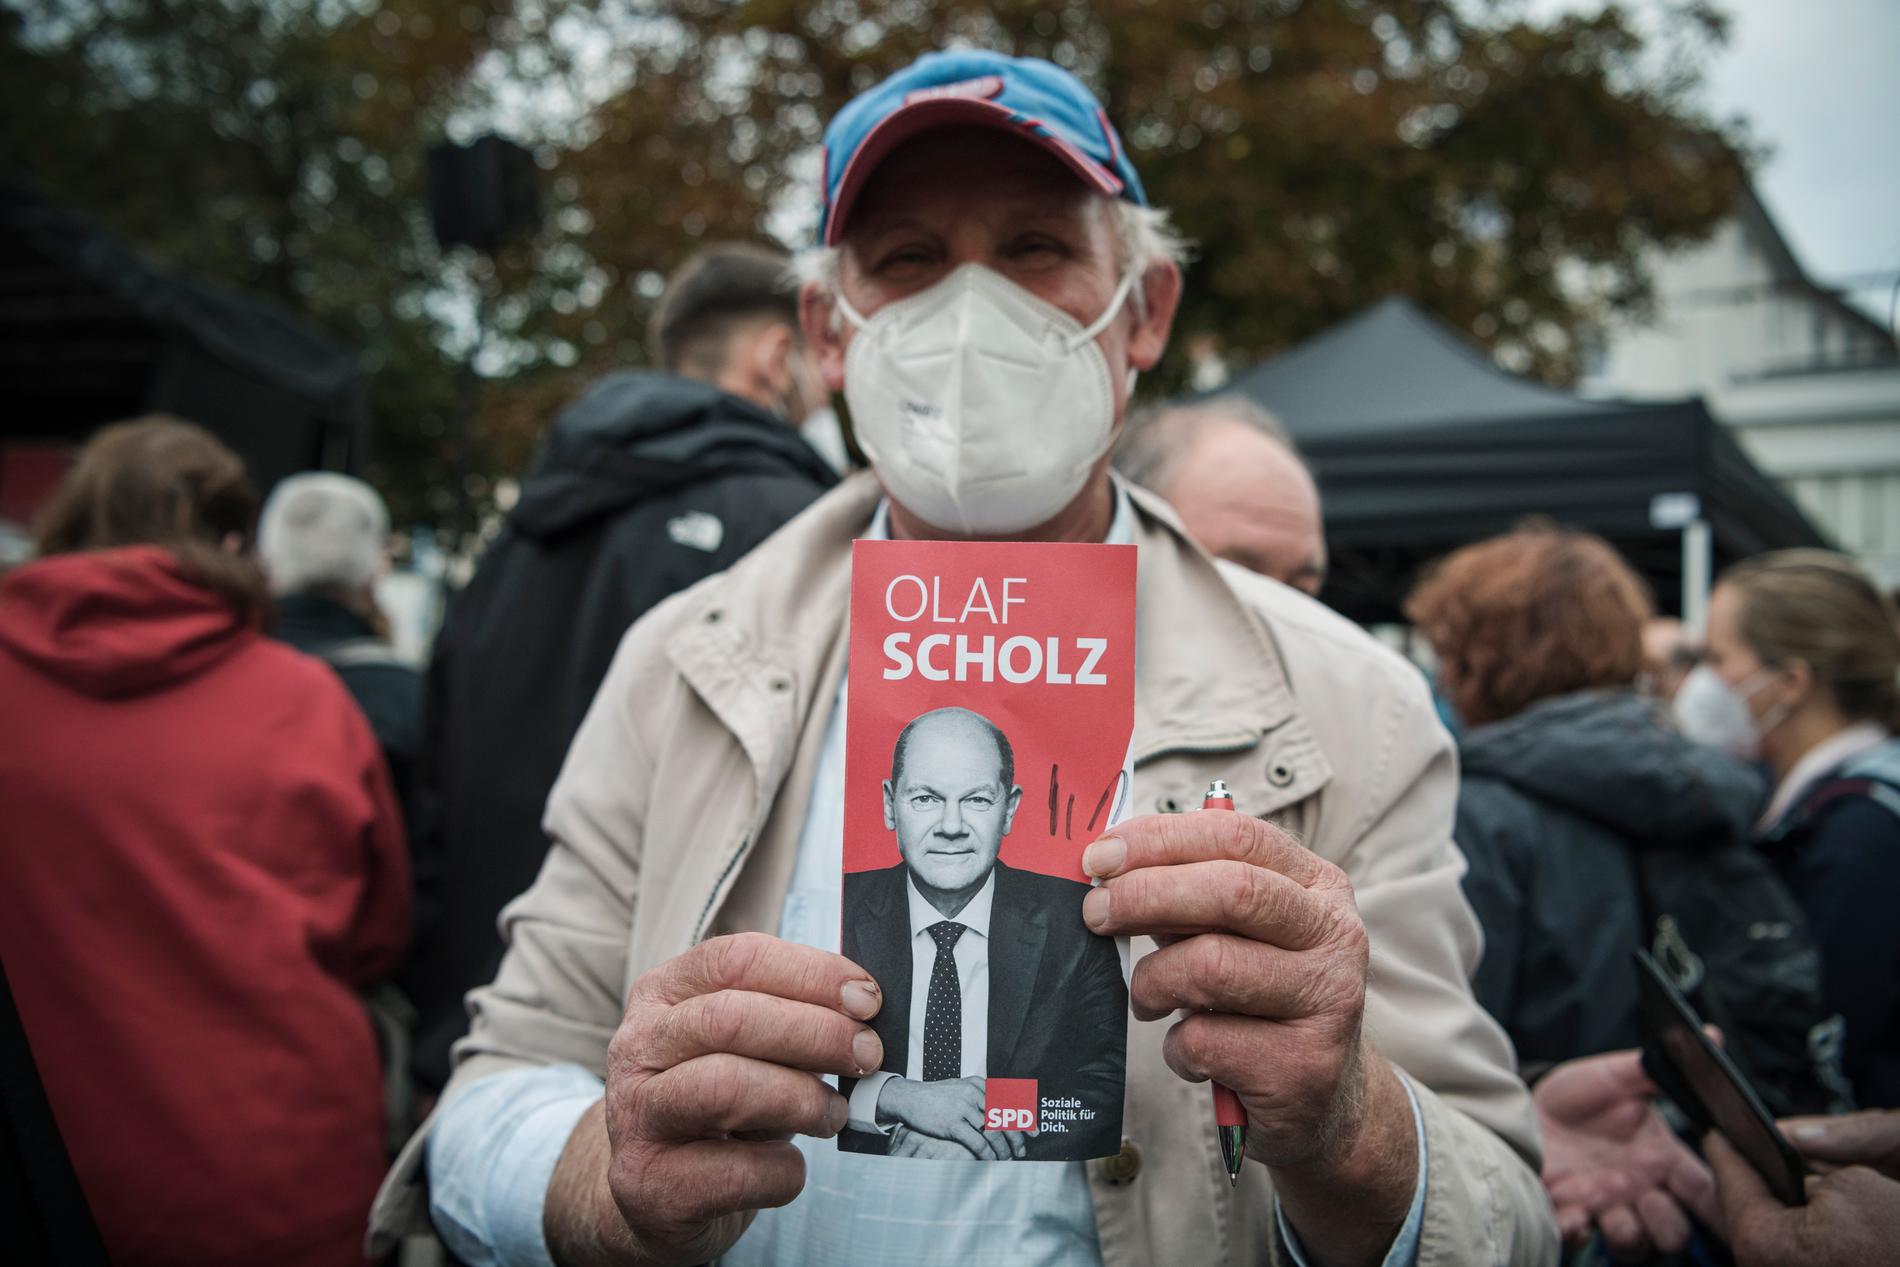 Valkampanjen har delvis präglats av de begränsningar som följer av pandemin